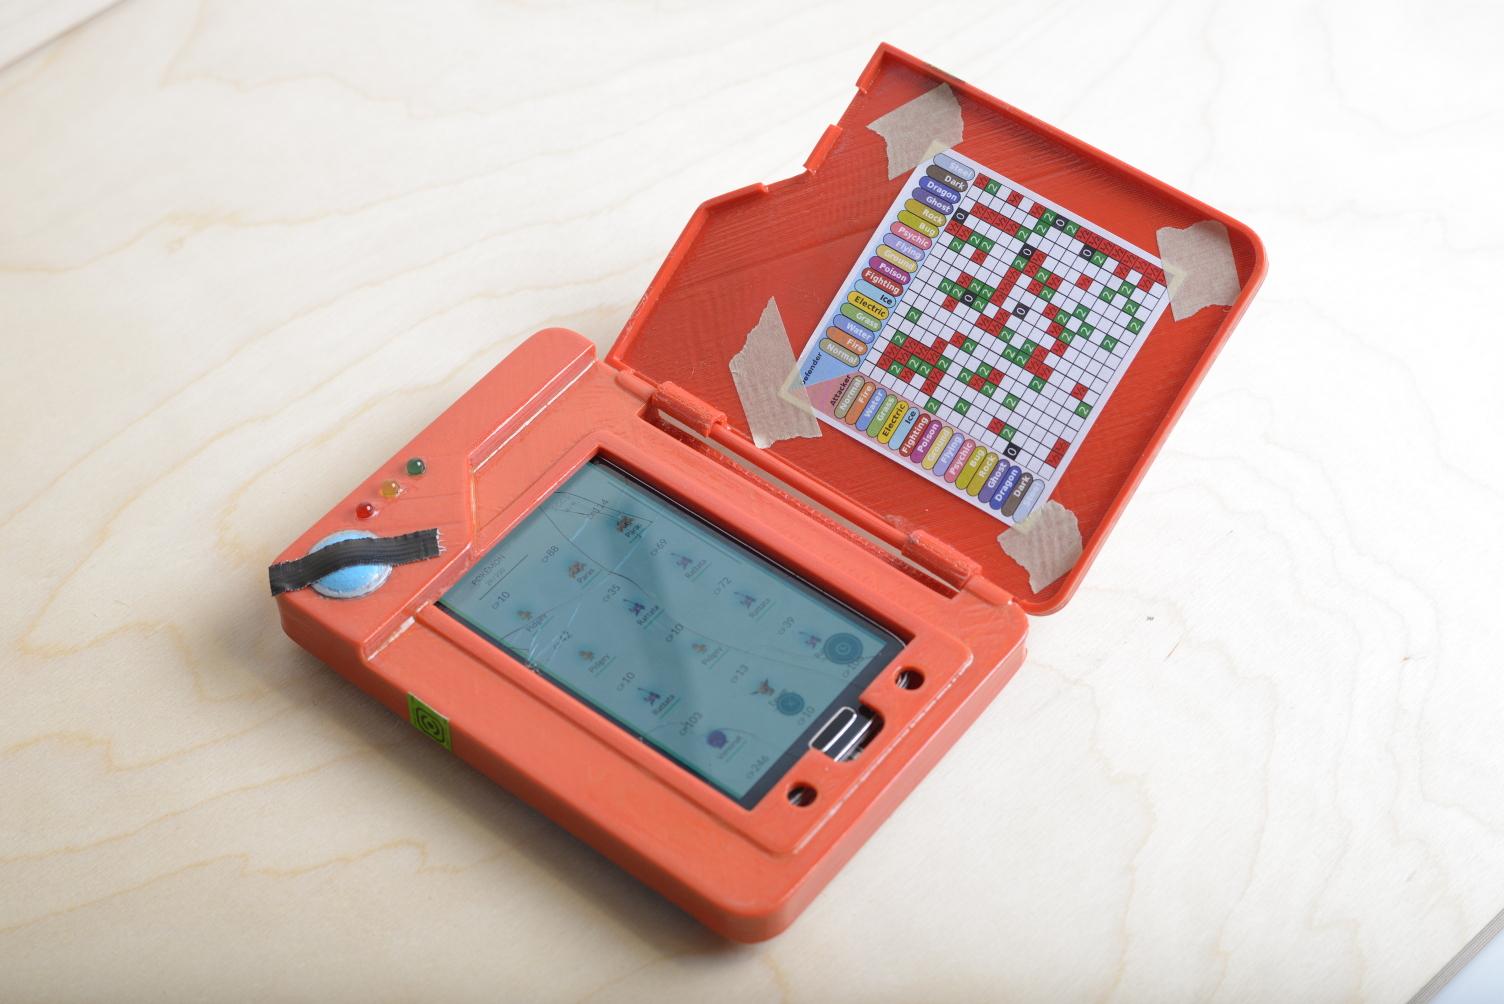 Convierte tu smartphone en un Pokédex y no te quedarás sin batería jugando Pokémon Go